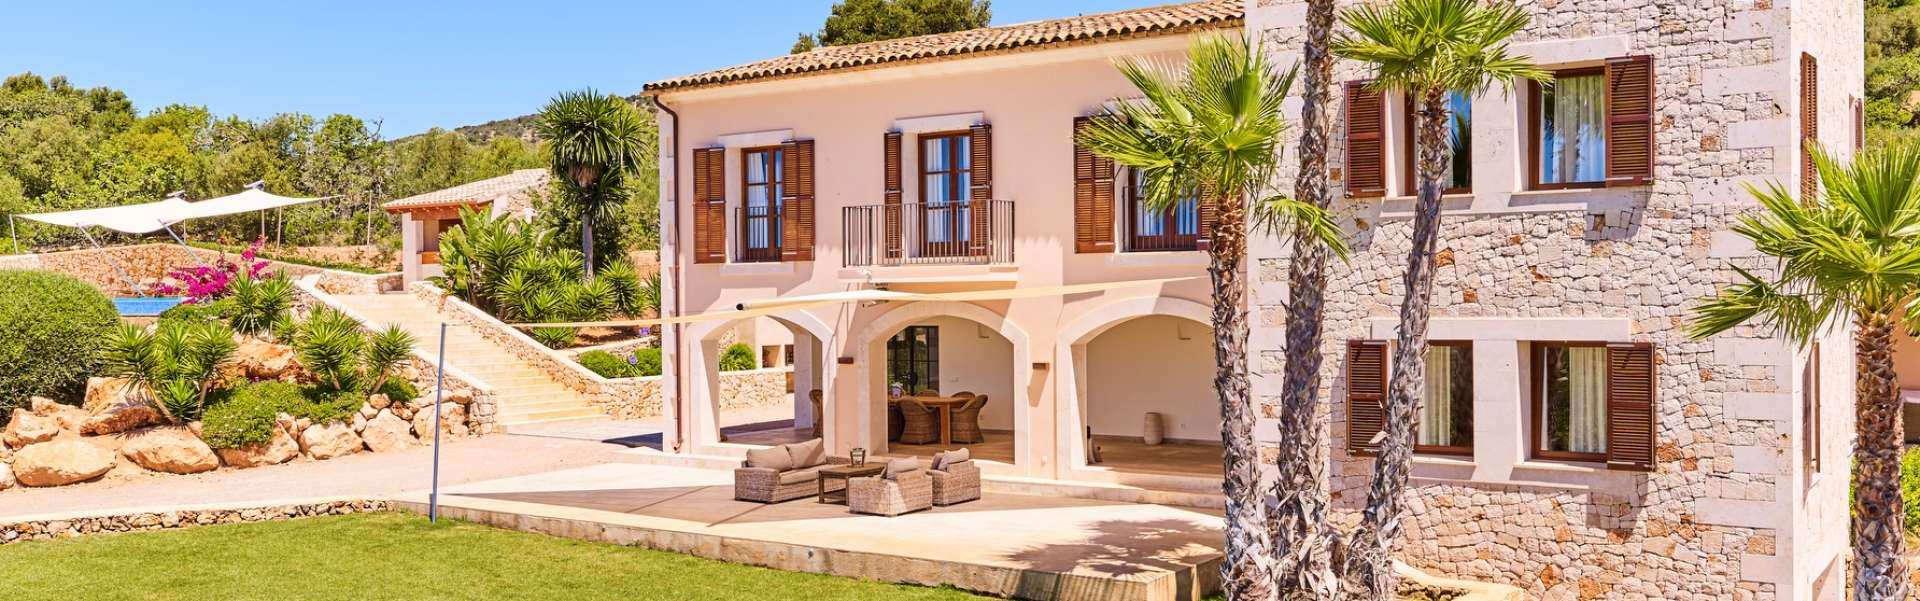 Montemar Immobilien Mallorca - Neubauprojekt auf Mallorca